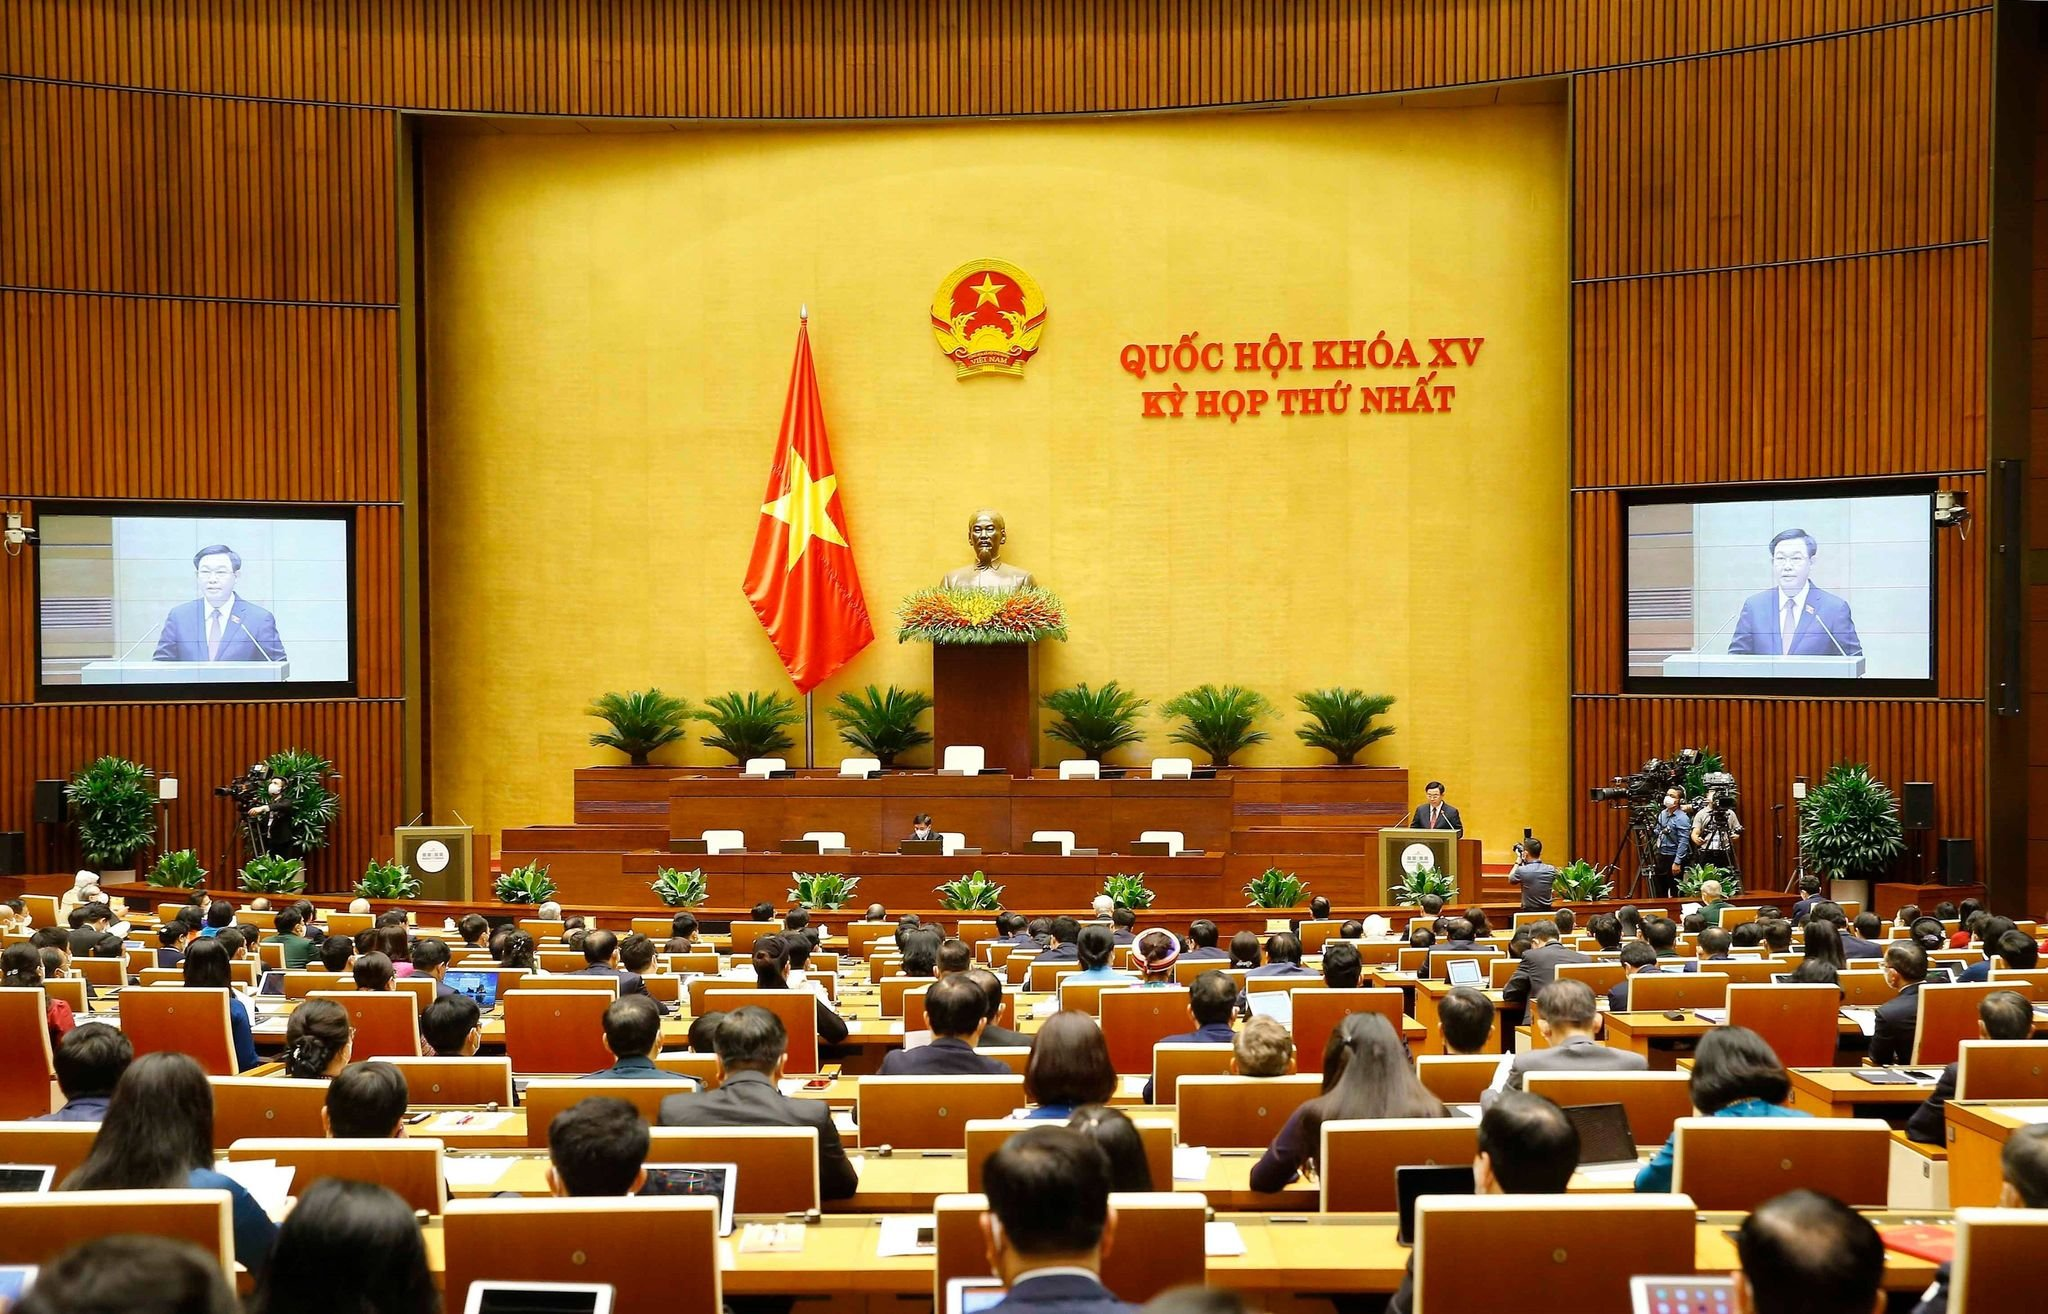 Toàn cảnh kỳ họp Quốc hội khóa XV 20.7 tại kỳ họp thứ Nhất quốc hội khóa XV.